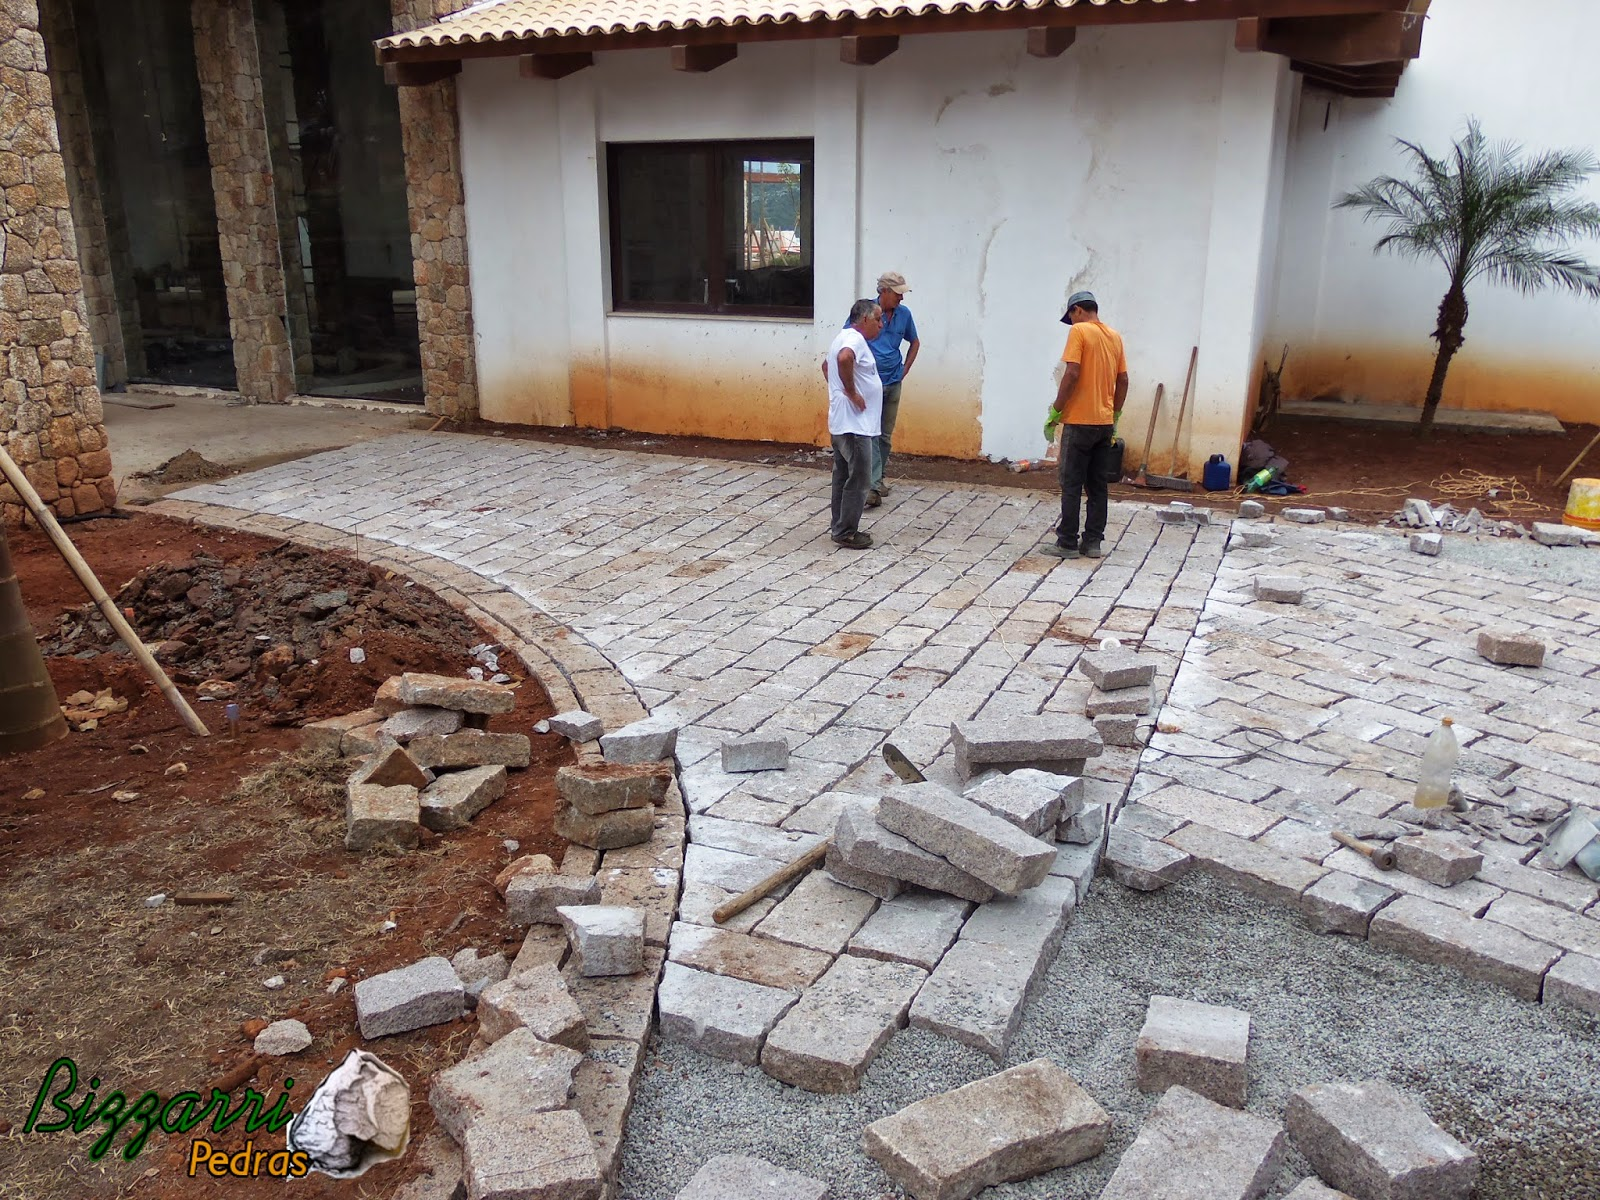 Execução do calçamento de pedra folheta com as guias de pedra folheta.